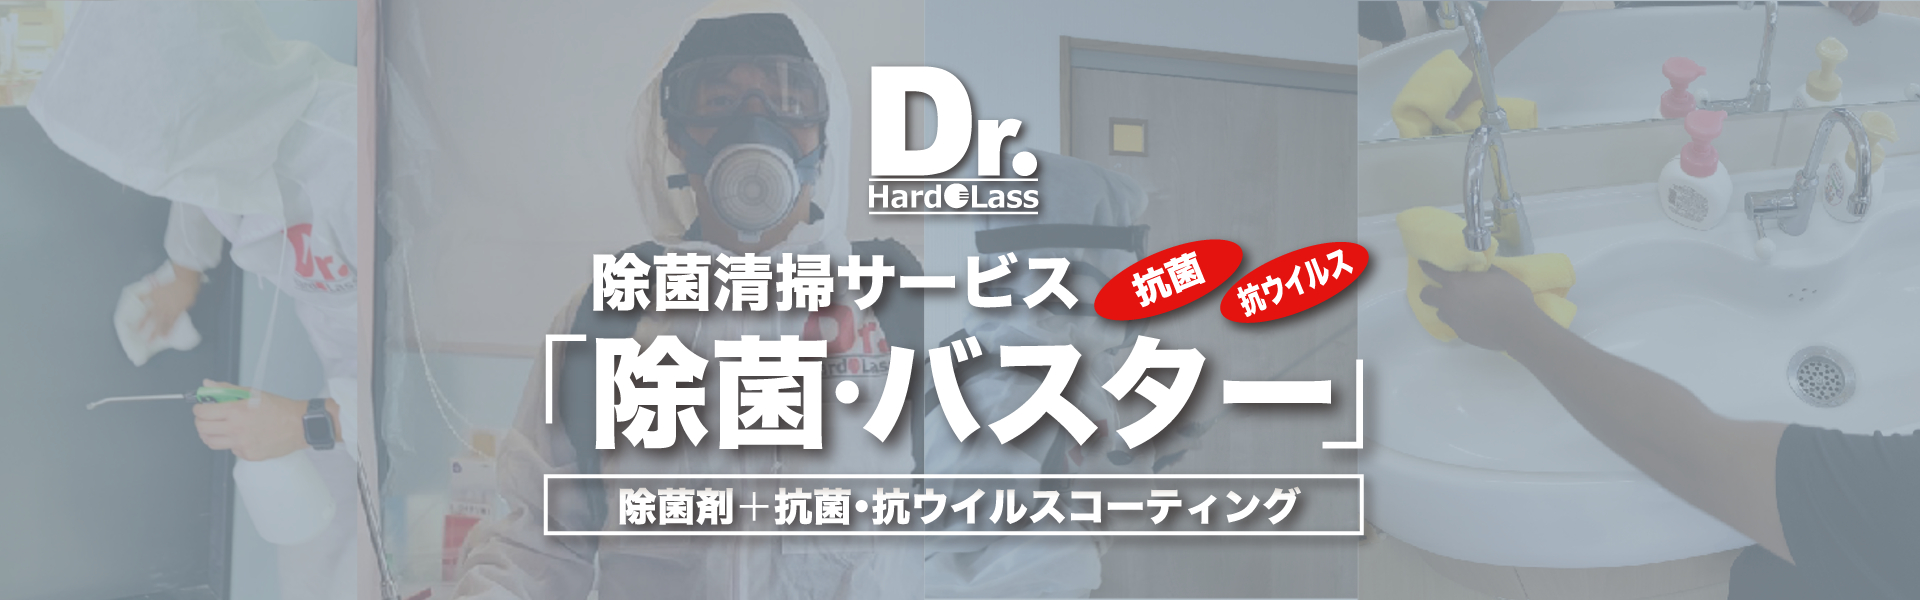 ドクターハドラス